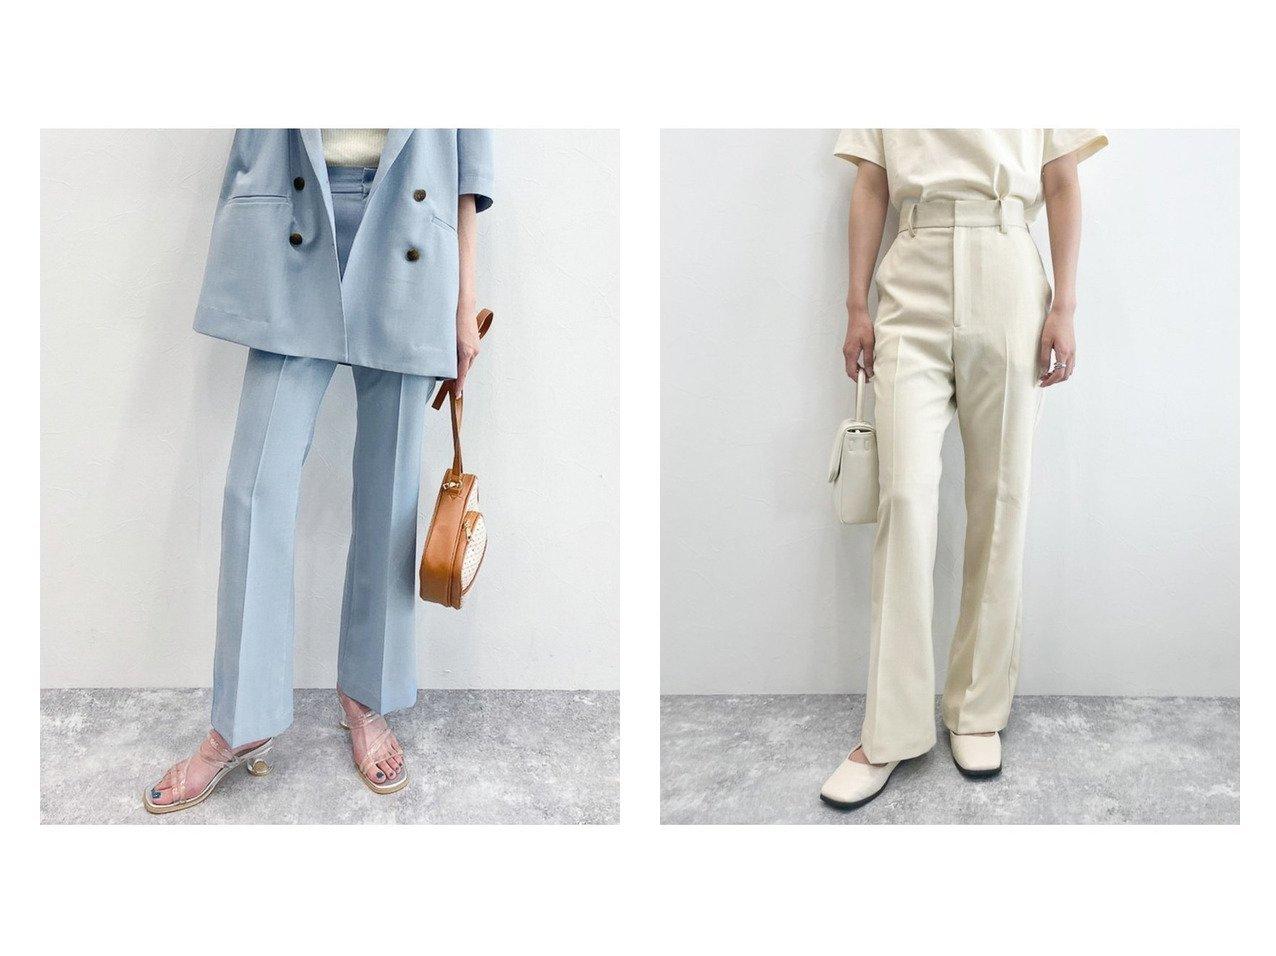 【Heather/ヘザー】のスリムフィット/LLフレアP 【プチプライス・低価格】おすすめ!人気、トレンド・レディースファッションの通販 おすすめで人気の流行・トレンド、ファッションの通販商品 インテリア・家具・メンズファッション・キッズファッション・レディースファッション・服の通販 founy(ファニー) https://founy.com/ ファッション Fashion レディースファッション WOMEN パンツ Pants NEW・新作・新着・新入荷 New Arrivals ショート シンプル ジーンズ スリム フィット フレア ロング 人気 |ID:crp329100000059407